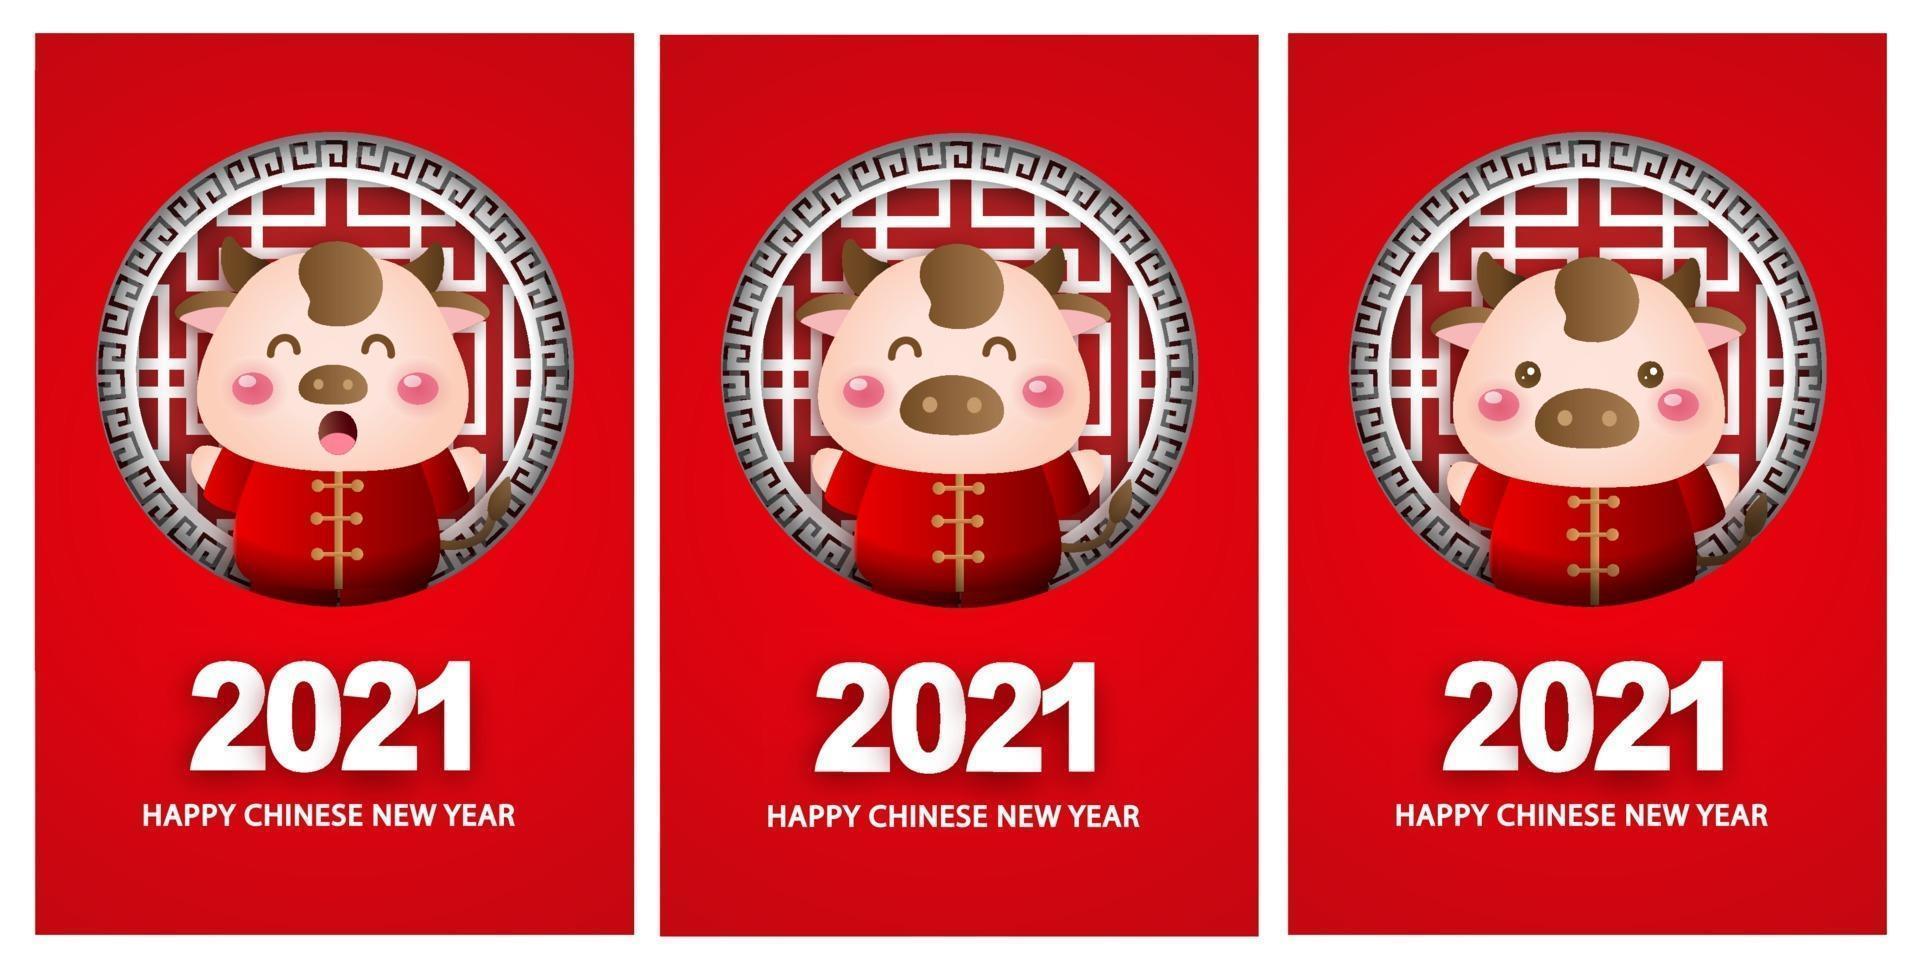 gelukkig chinees nieuwjaar 2021 wenskaarten, jaar van de os. vector